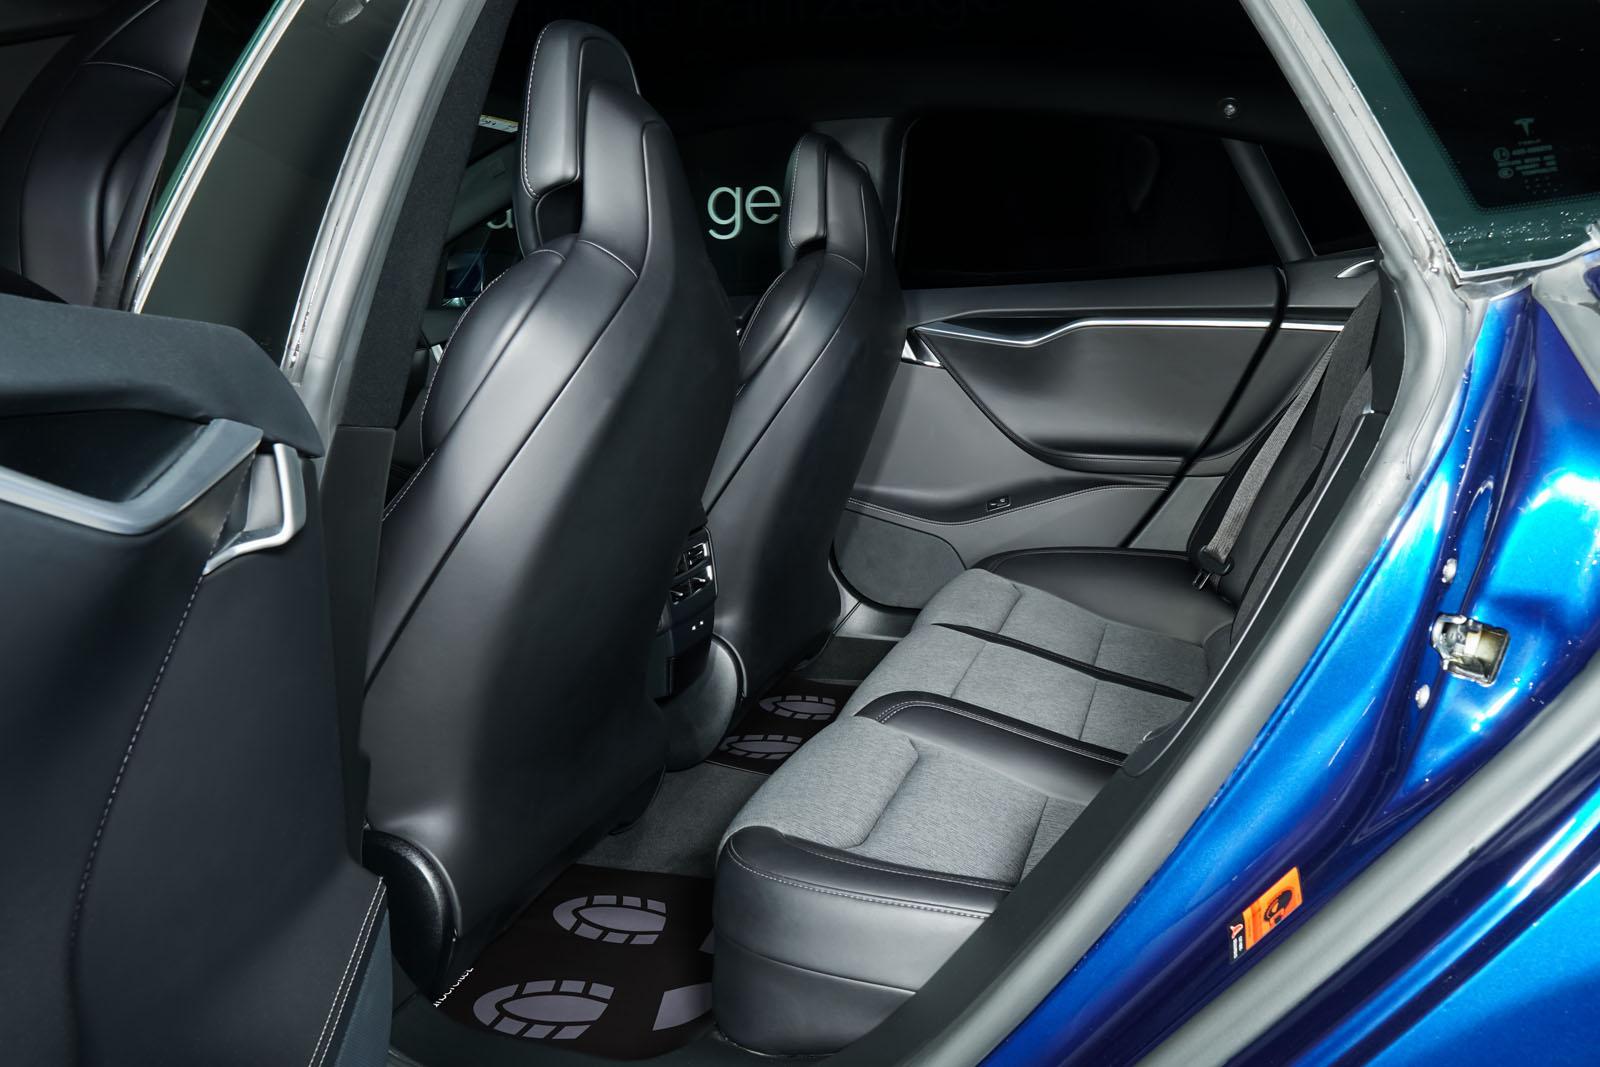 Tesla_ModelS_75RWD_Blau_Schwarz_TES-5563_6_w